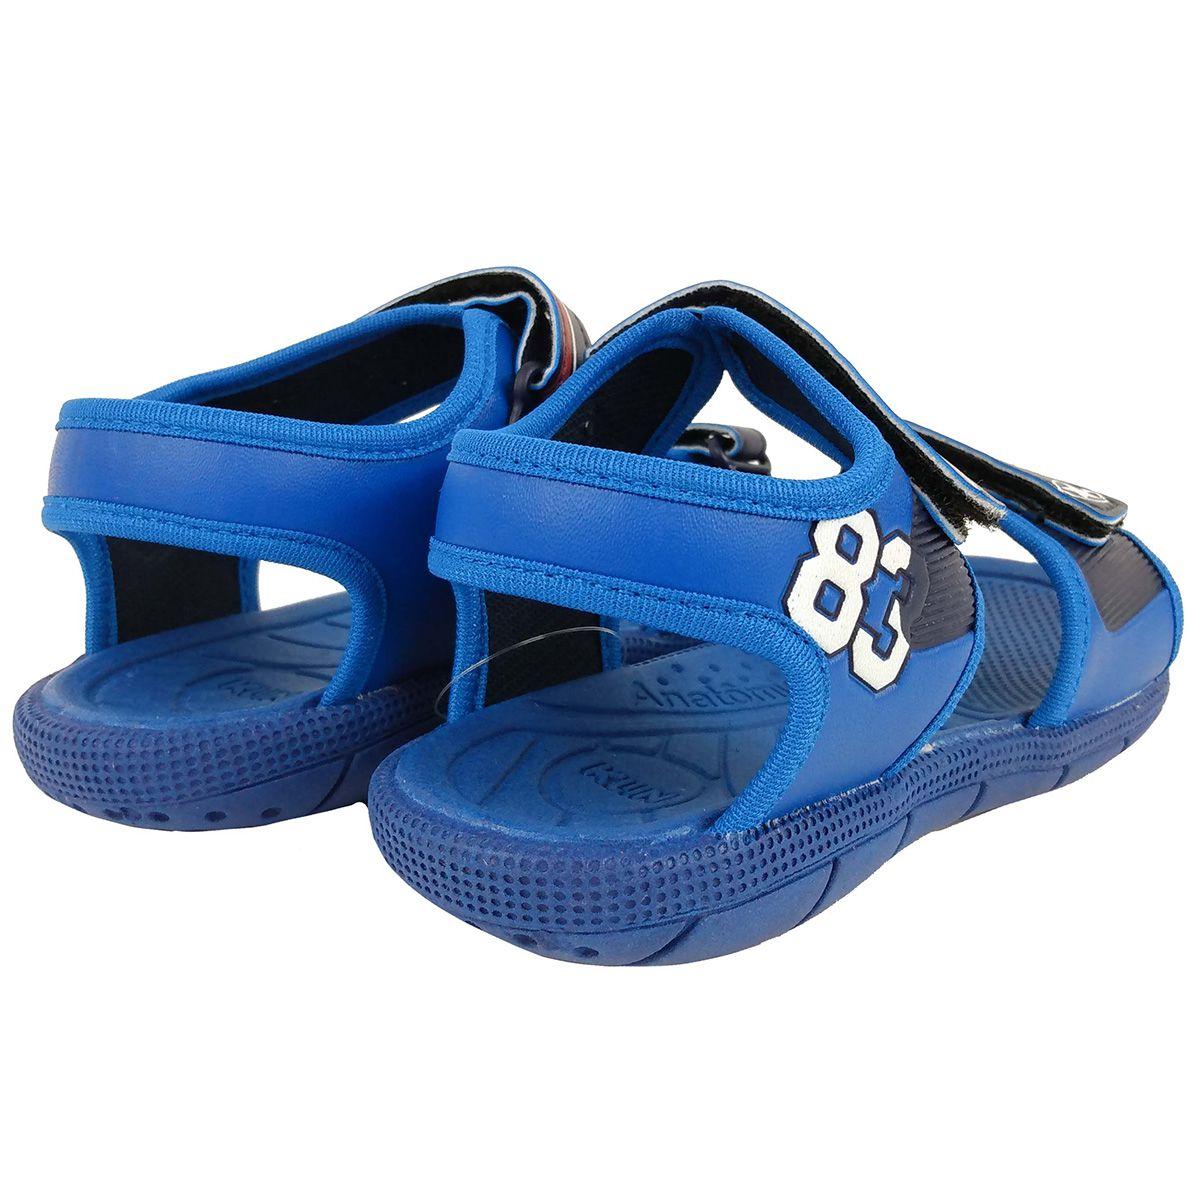 Sandalia Klin Masculina Tic Tac Azul